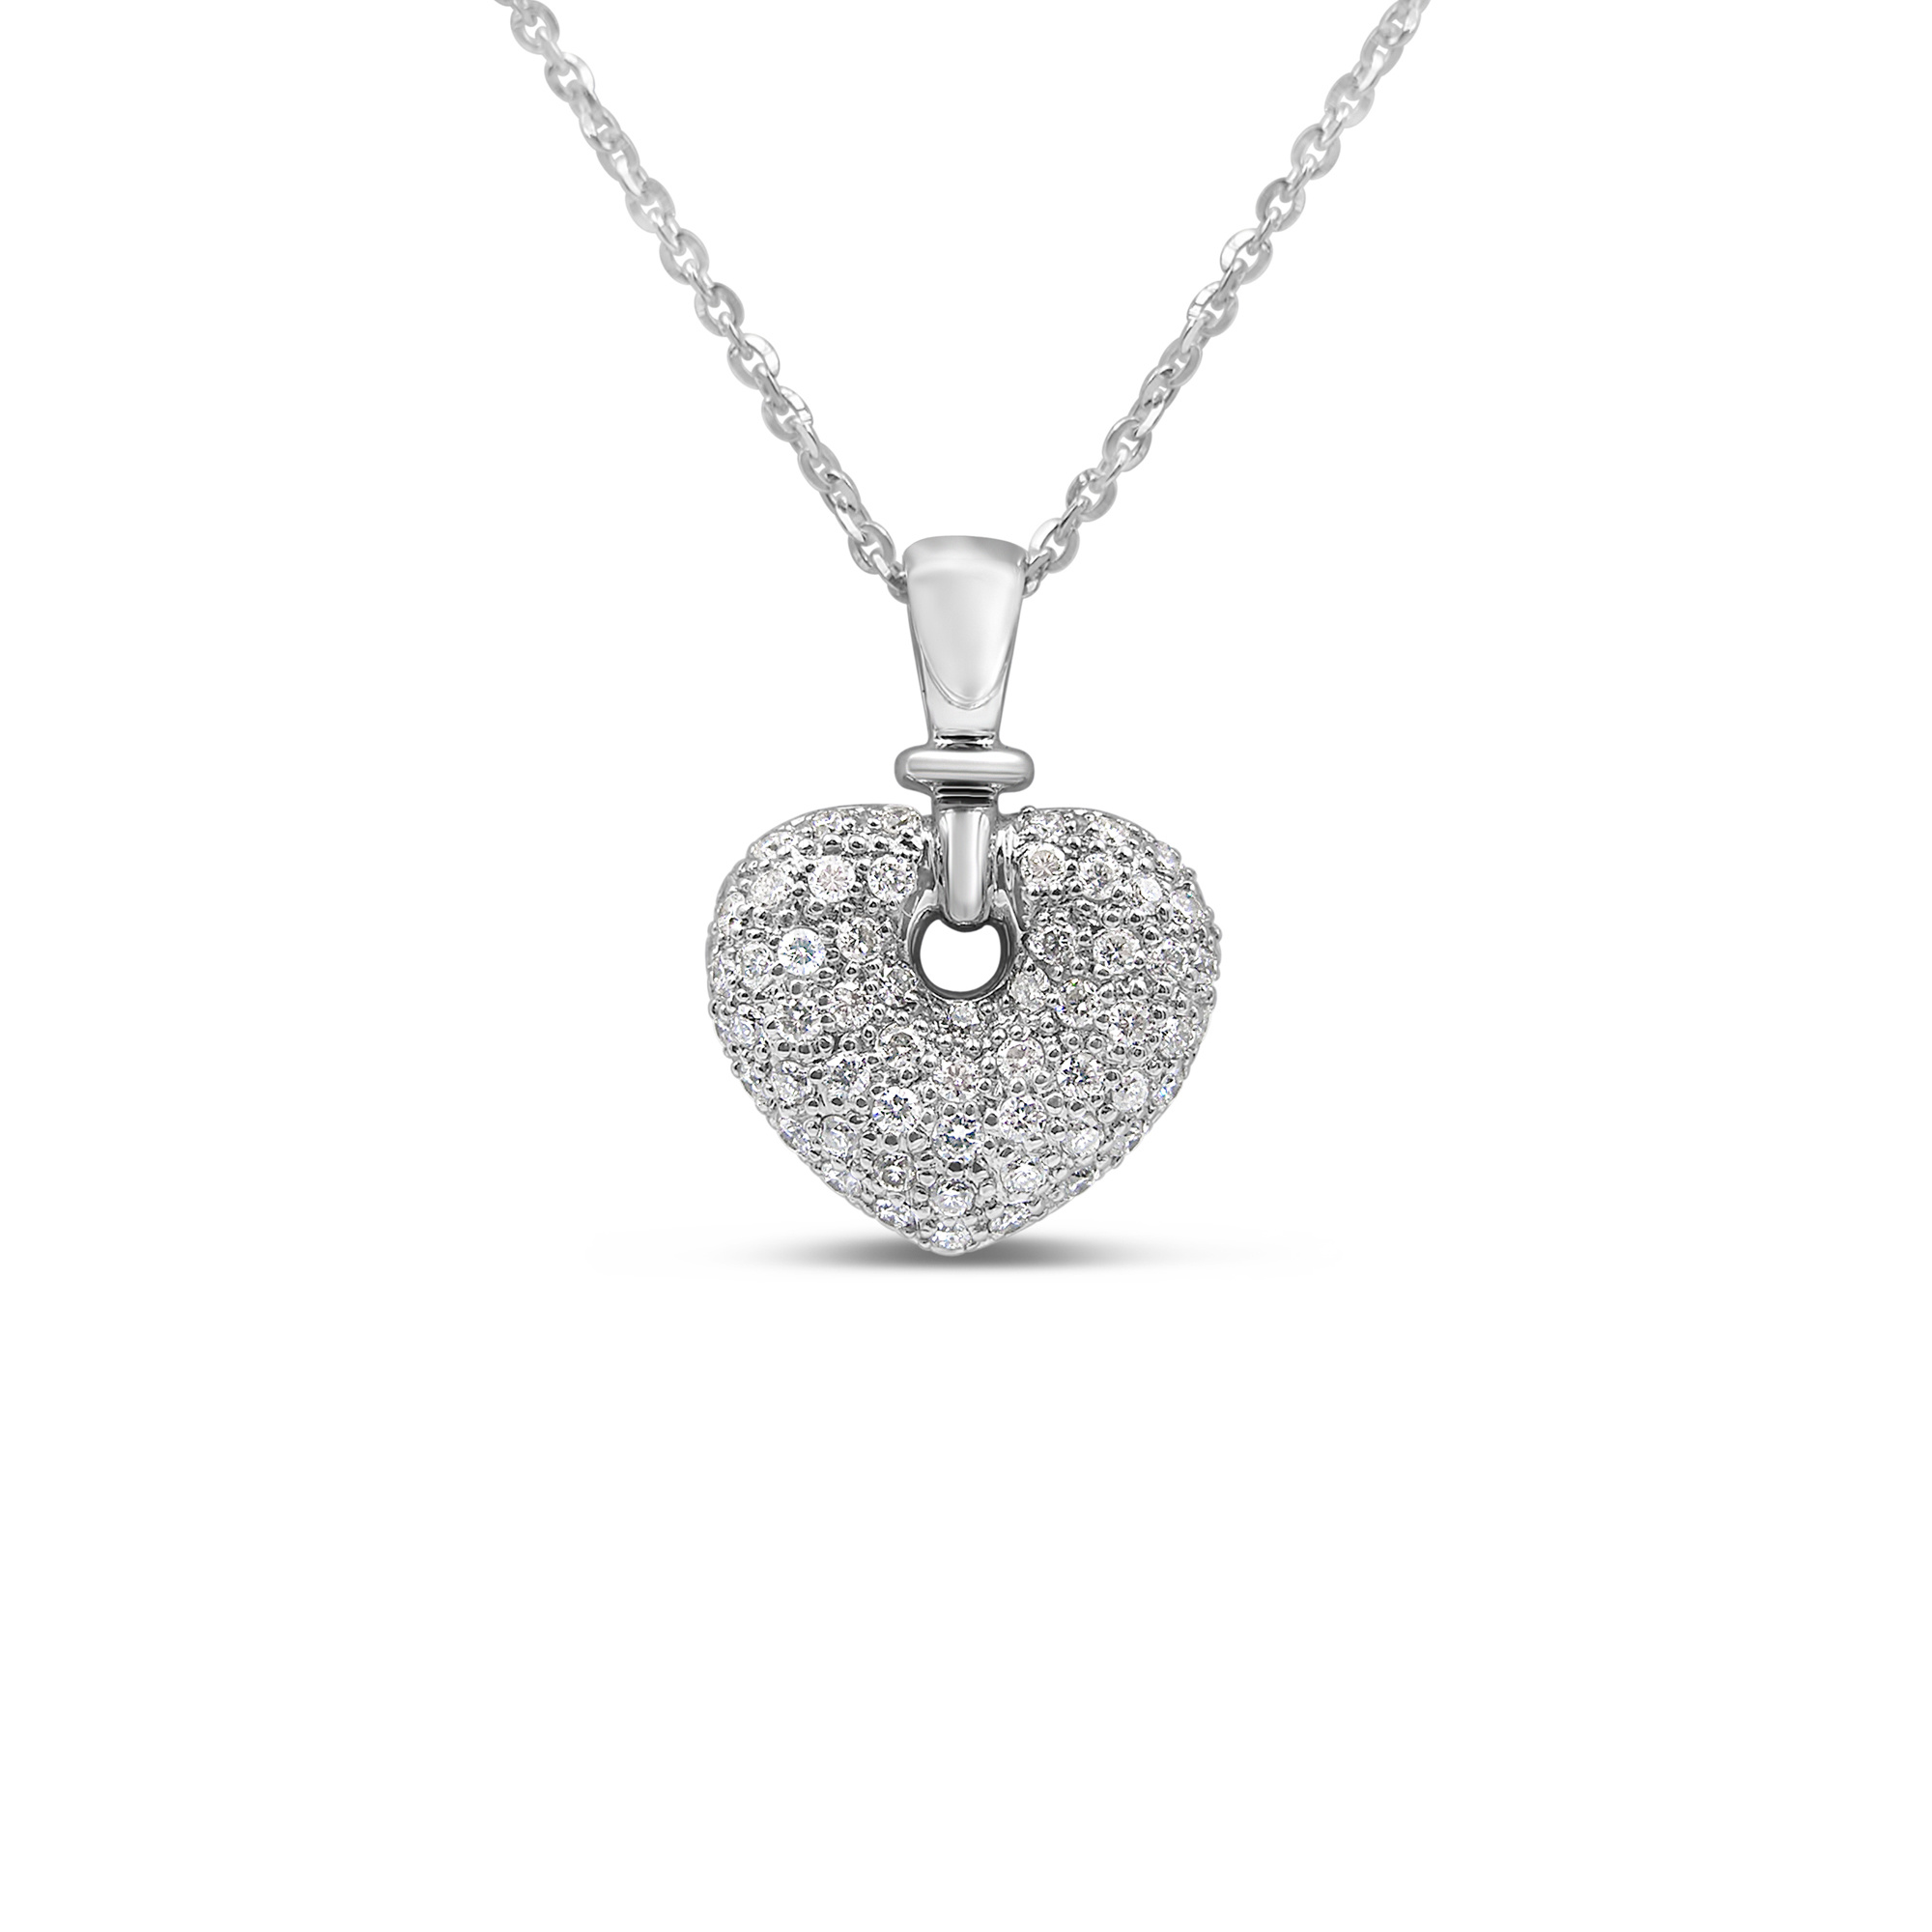 18kt wit goud hart hanger met 0.54 ct diamanten